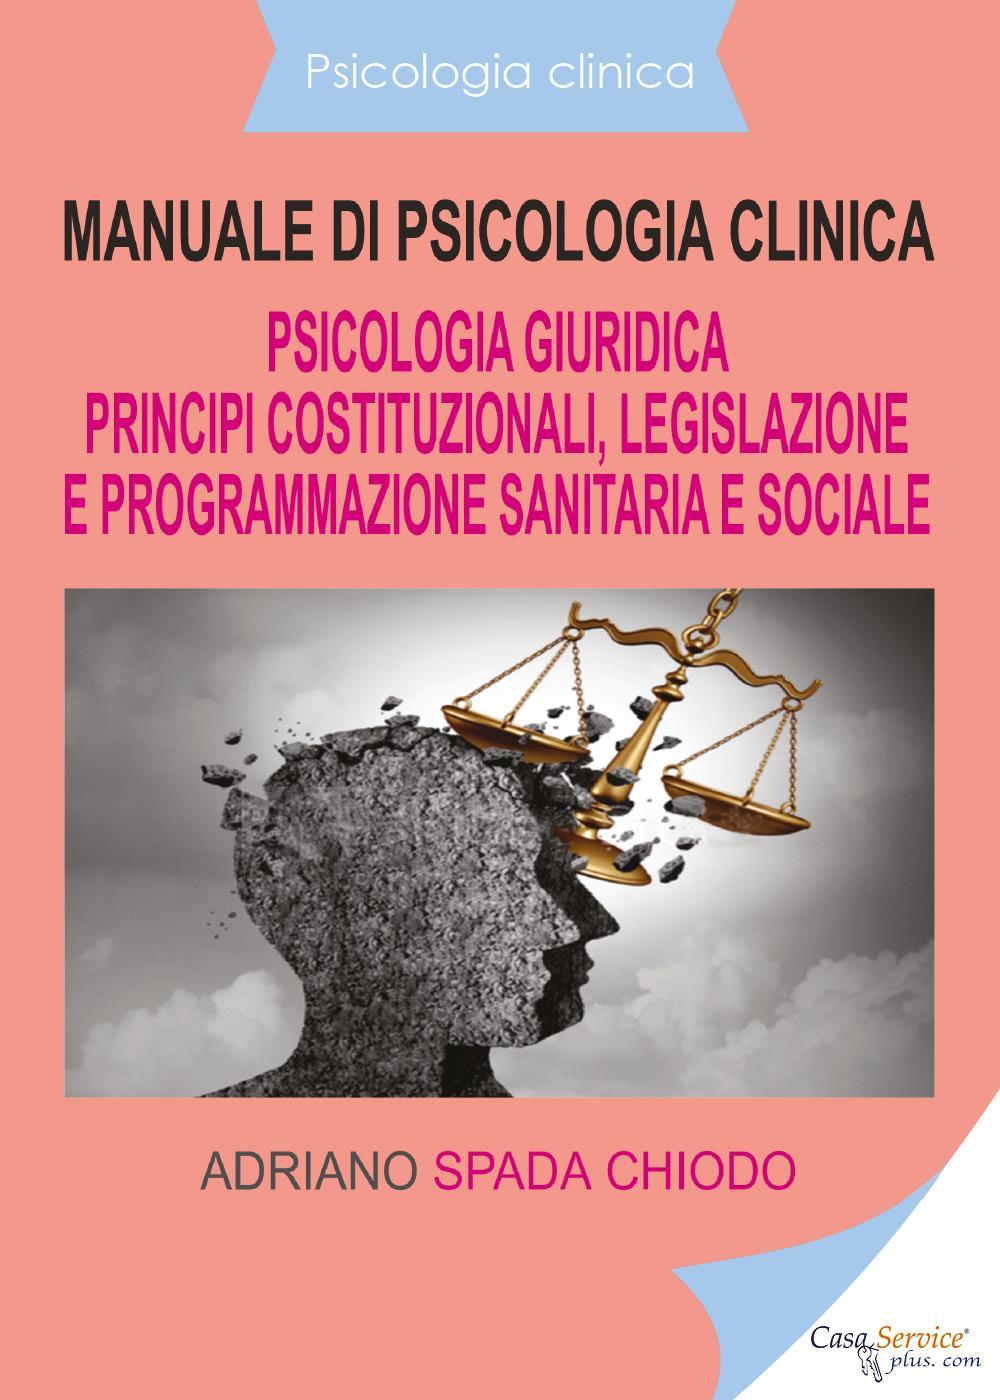 Psicologia clinica - Manuale di psicologia clinica - Psicologia giuridica - Principi costituzionali, legislazione e programmazione sanitaria e sociale